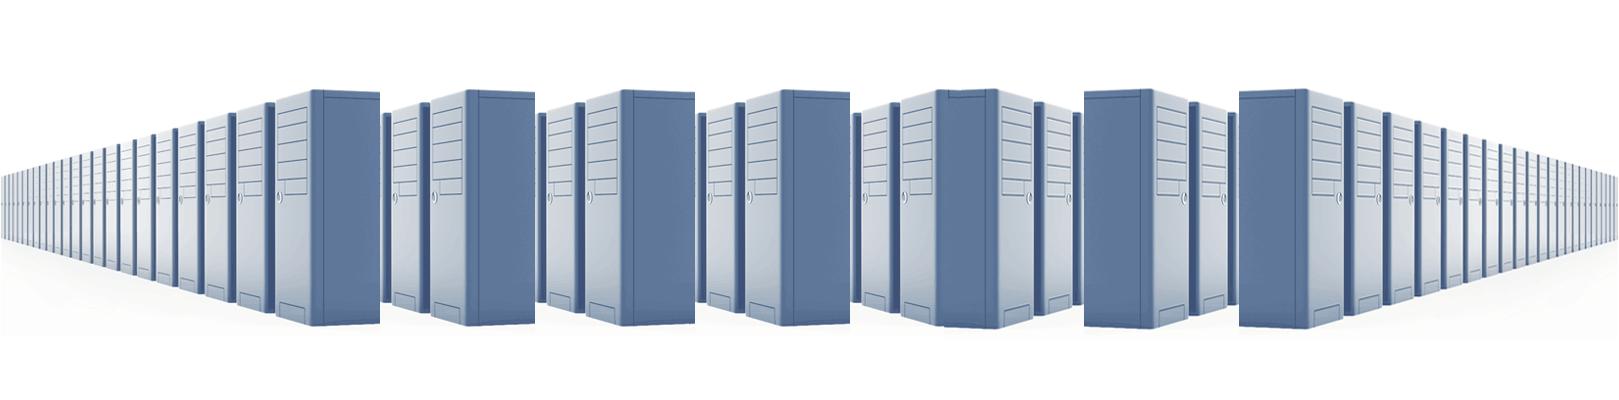 159-redalto-managed-hosting